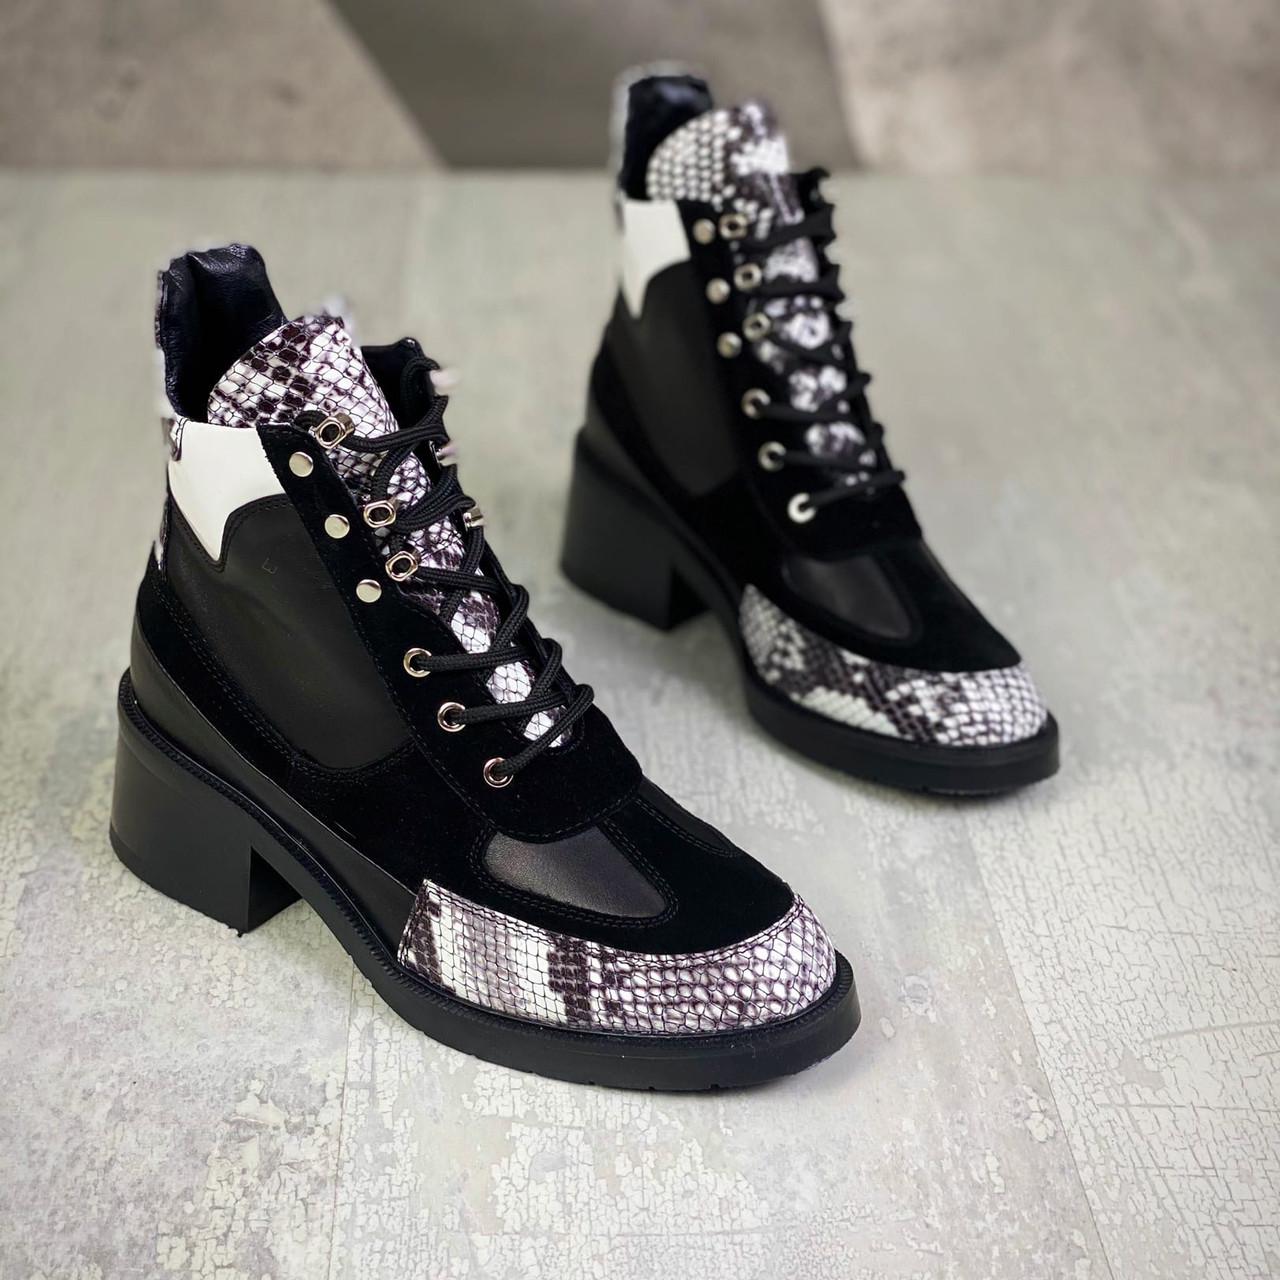 Женские демисезонные ботинки кожа+замша 36-40 р чёрный+рептилия